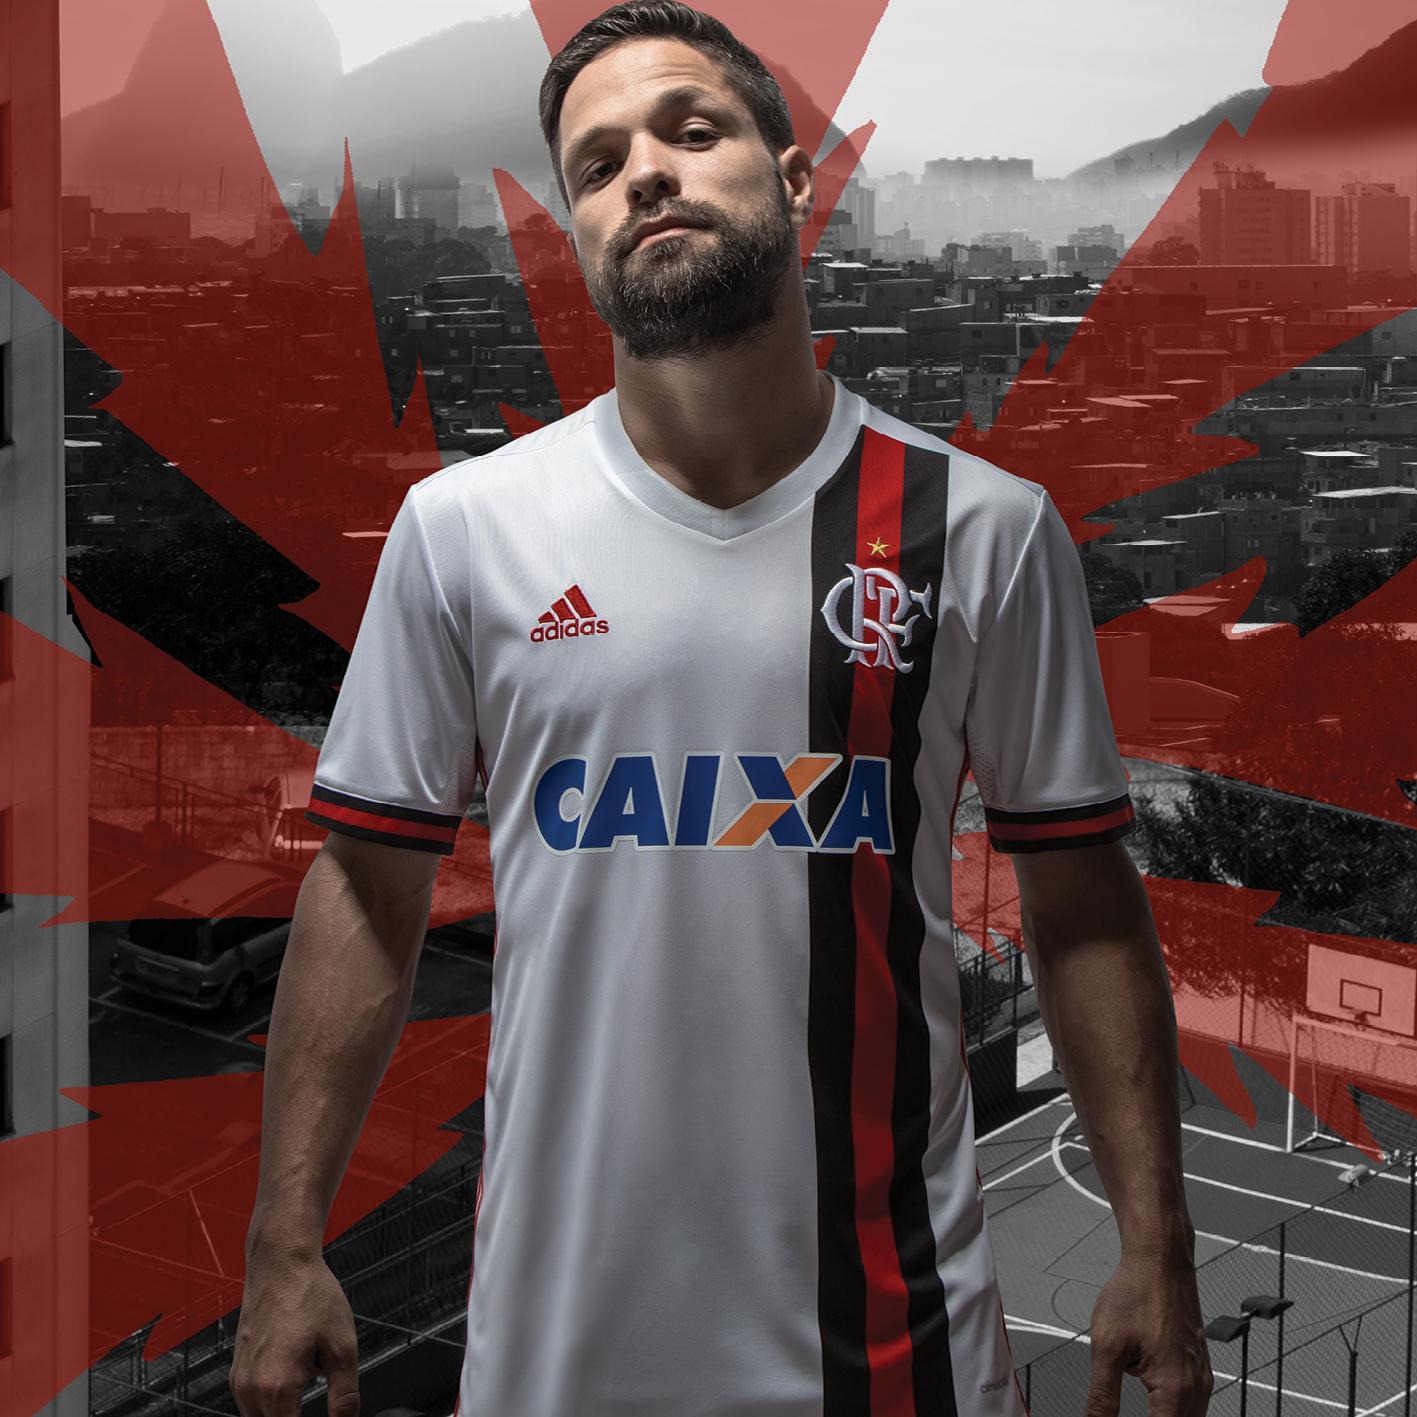 Diego foi o escolhido para divulgar o novo uniforme rubro-negro 69644af1baef4